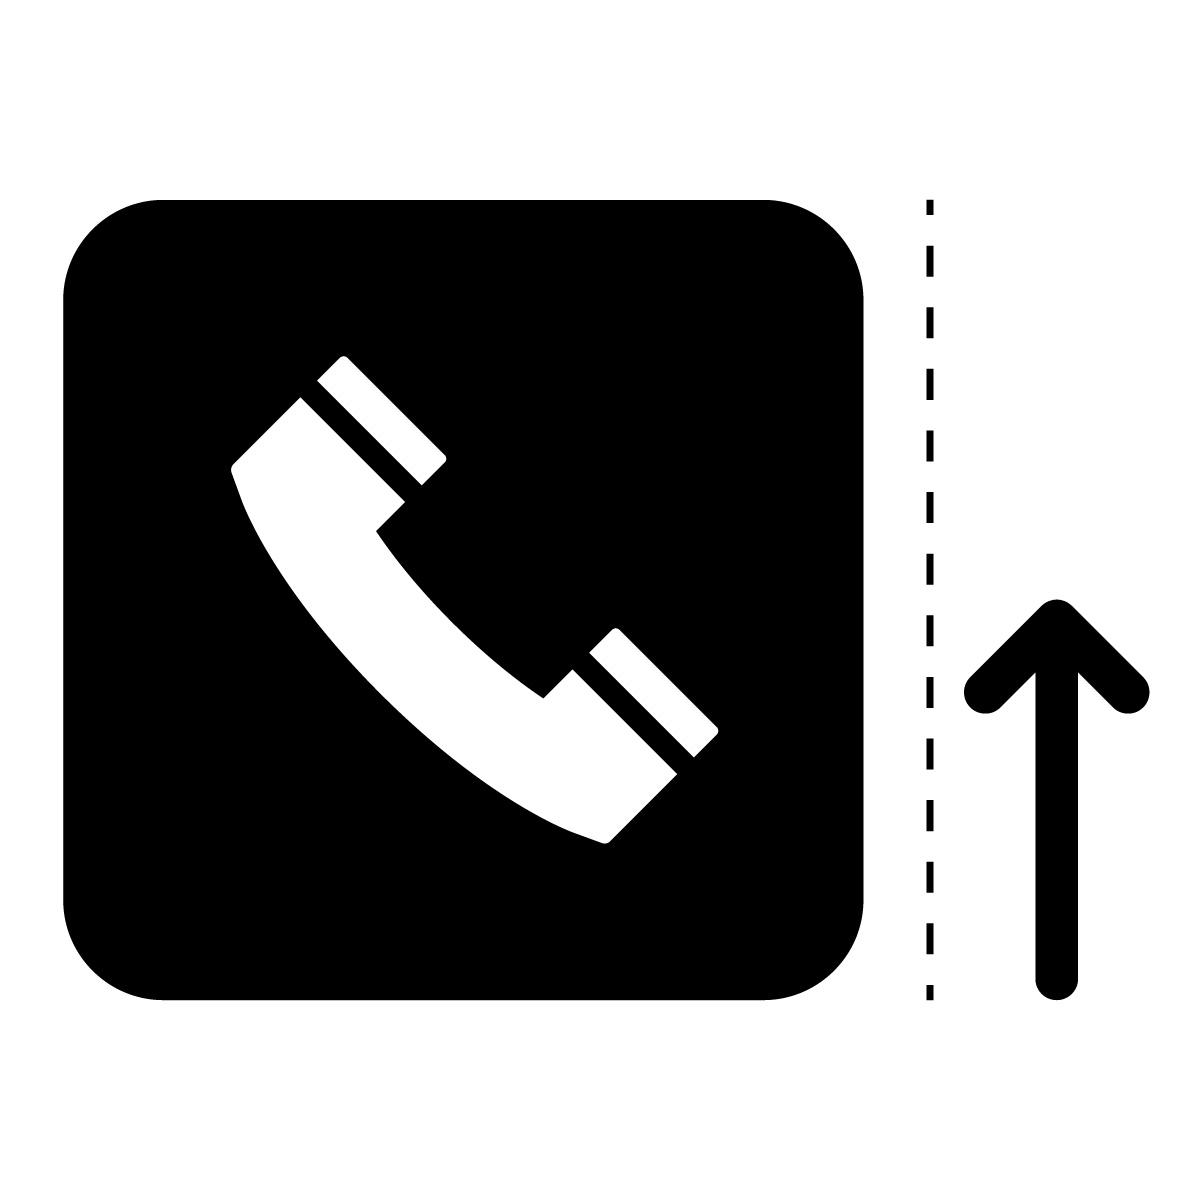 黒色の公衆電話案内マーク(矢印付き)のカッティングステッカー・シール